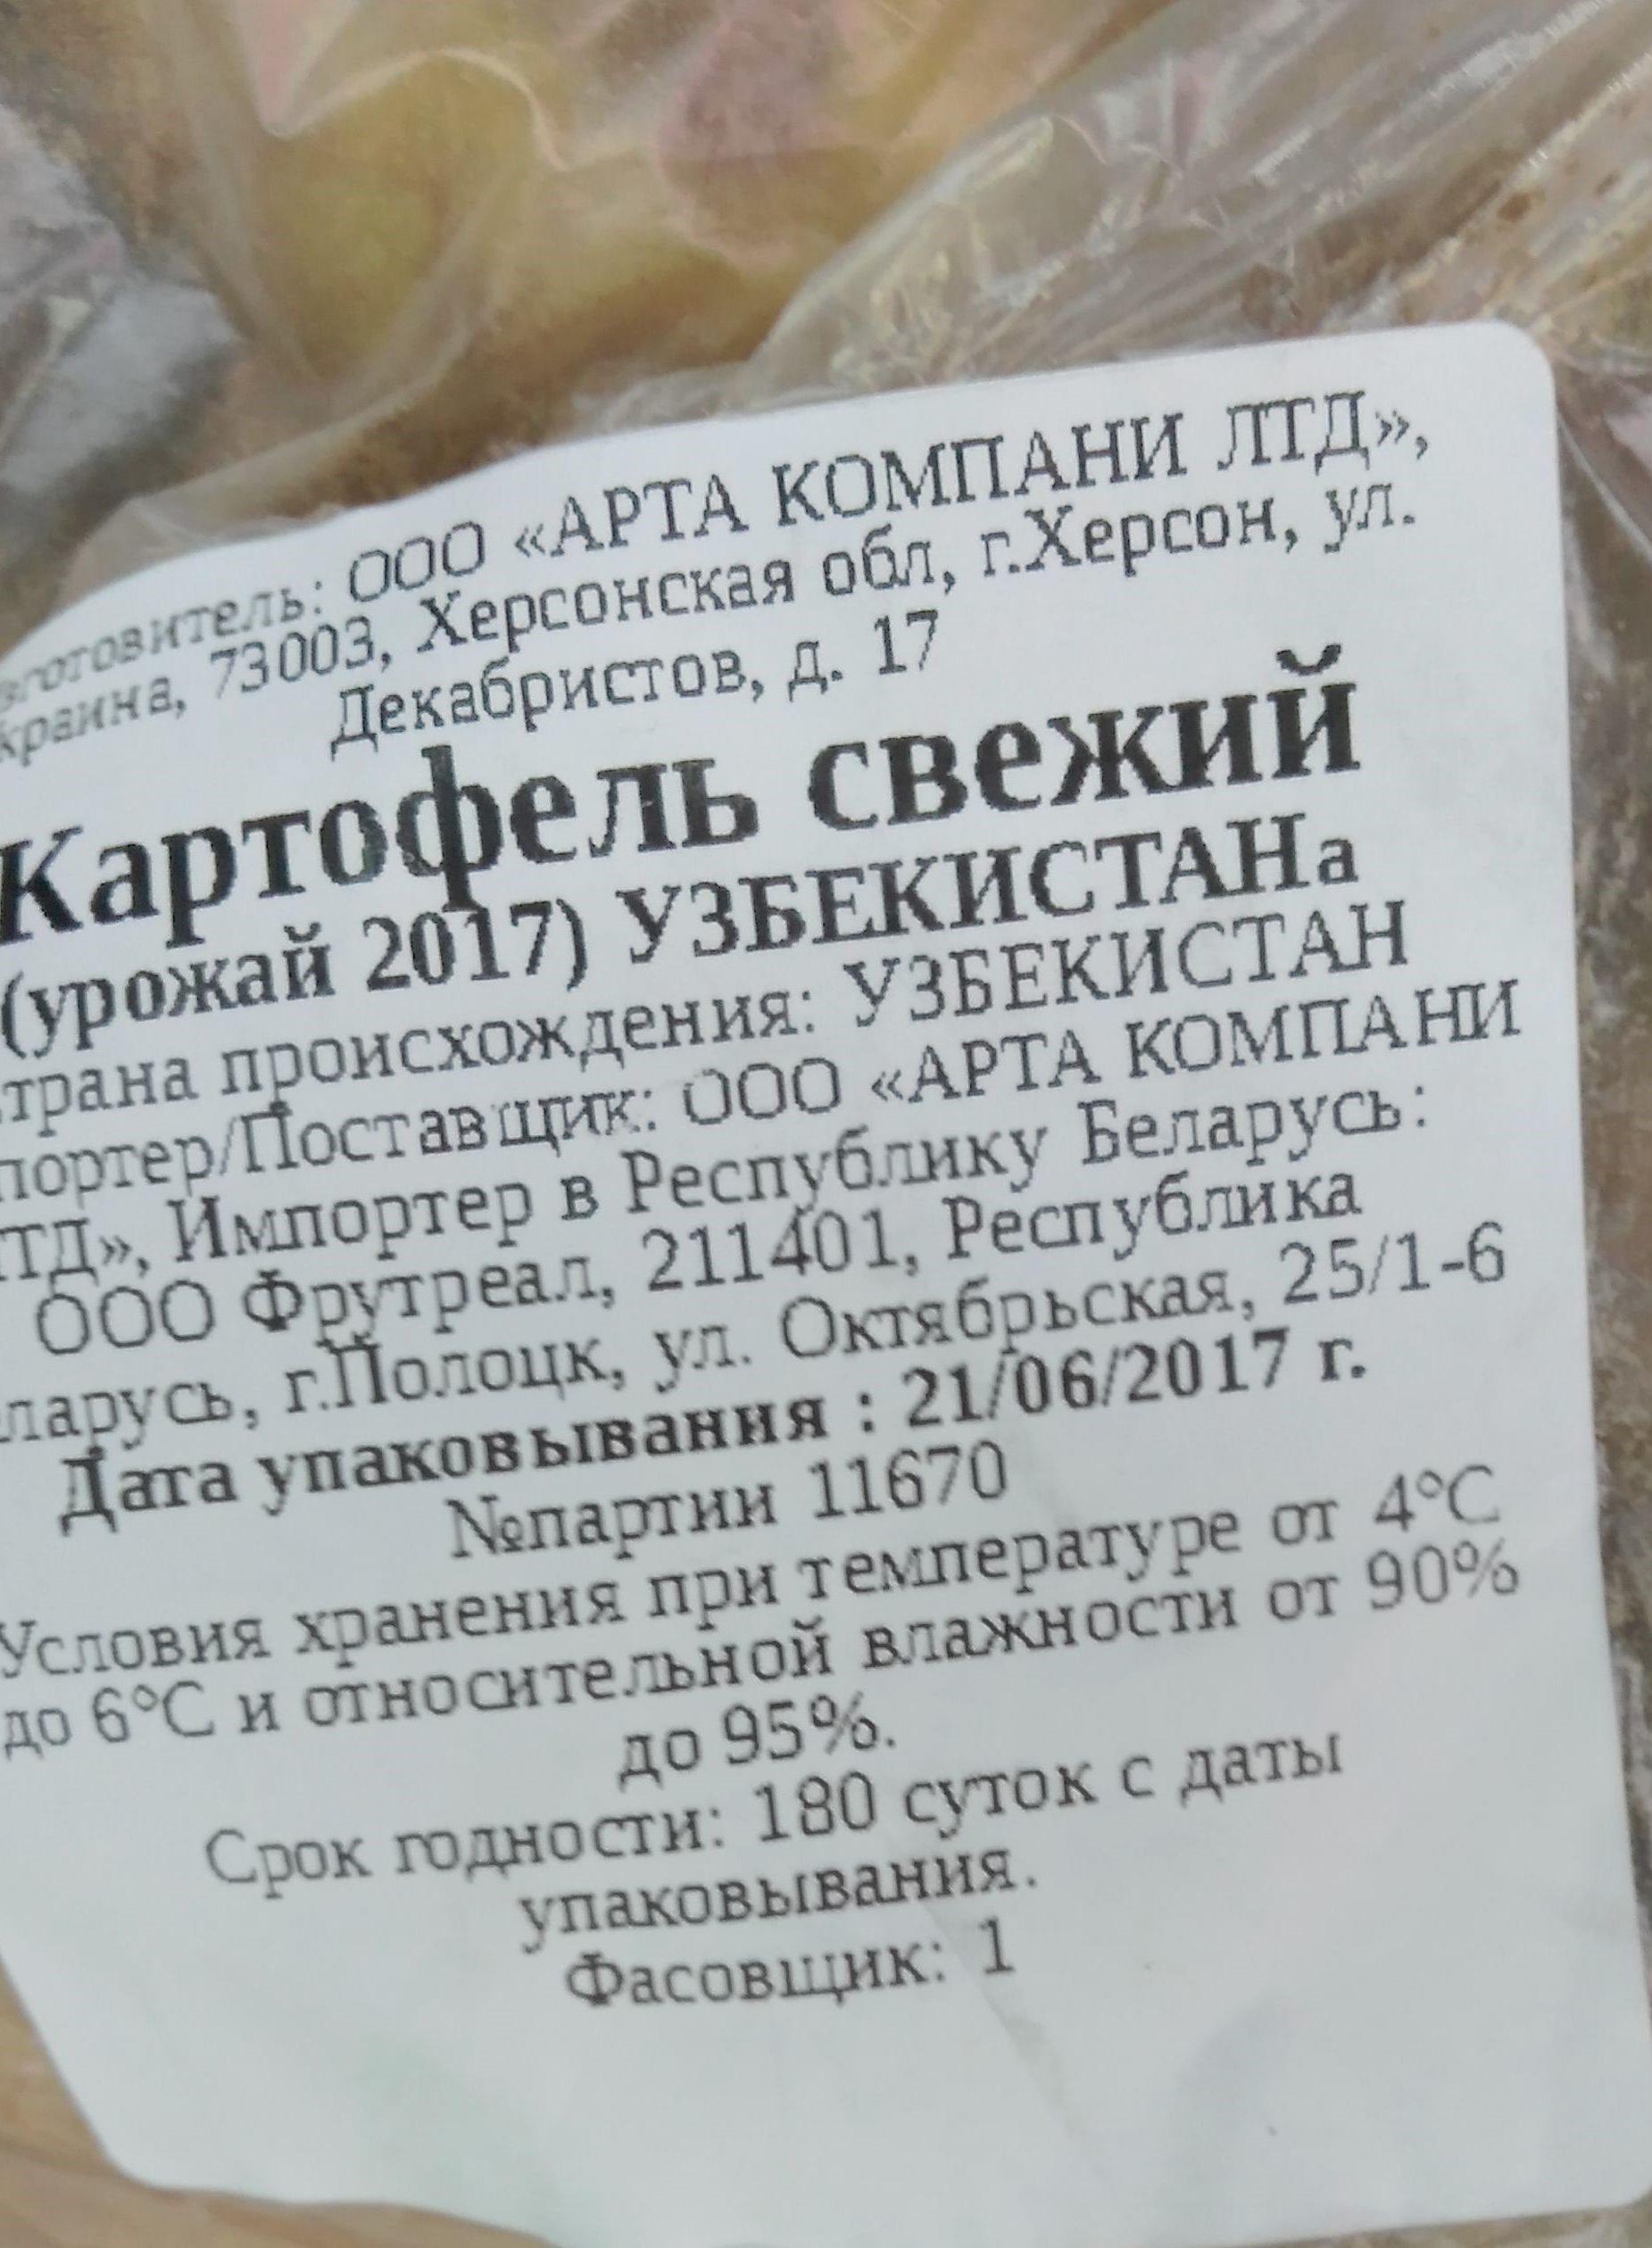 Необычную картошку в супермаркете Витебска обнаружил наш читатель